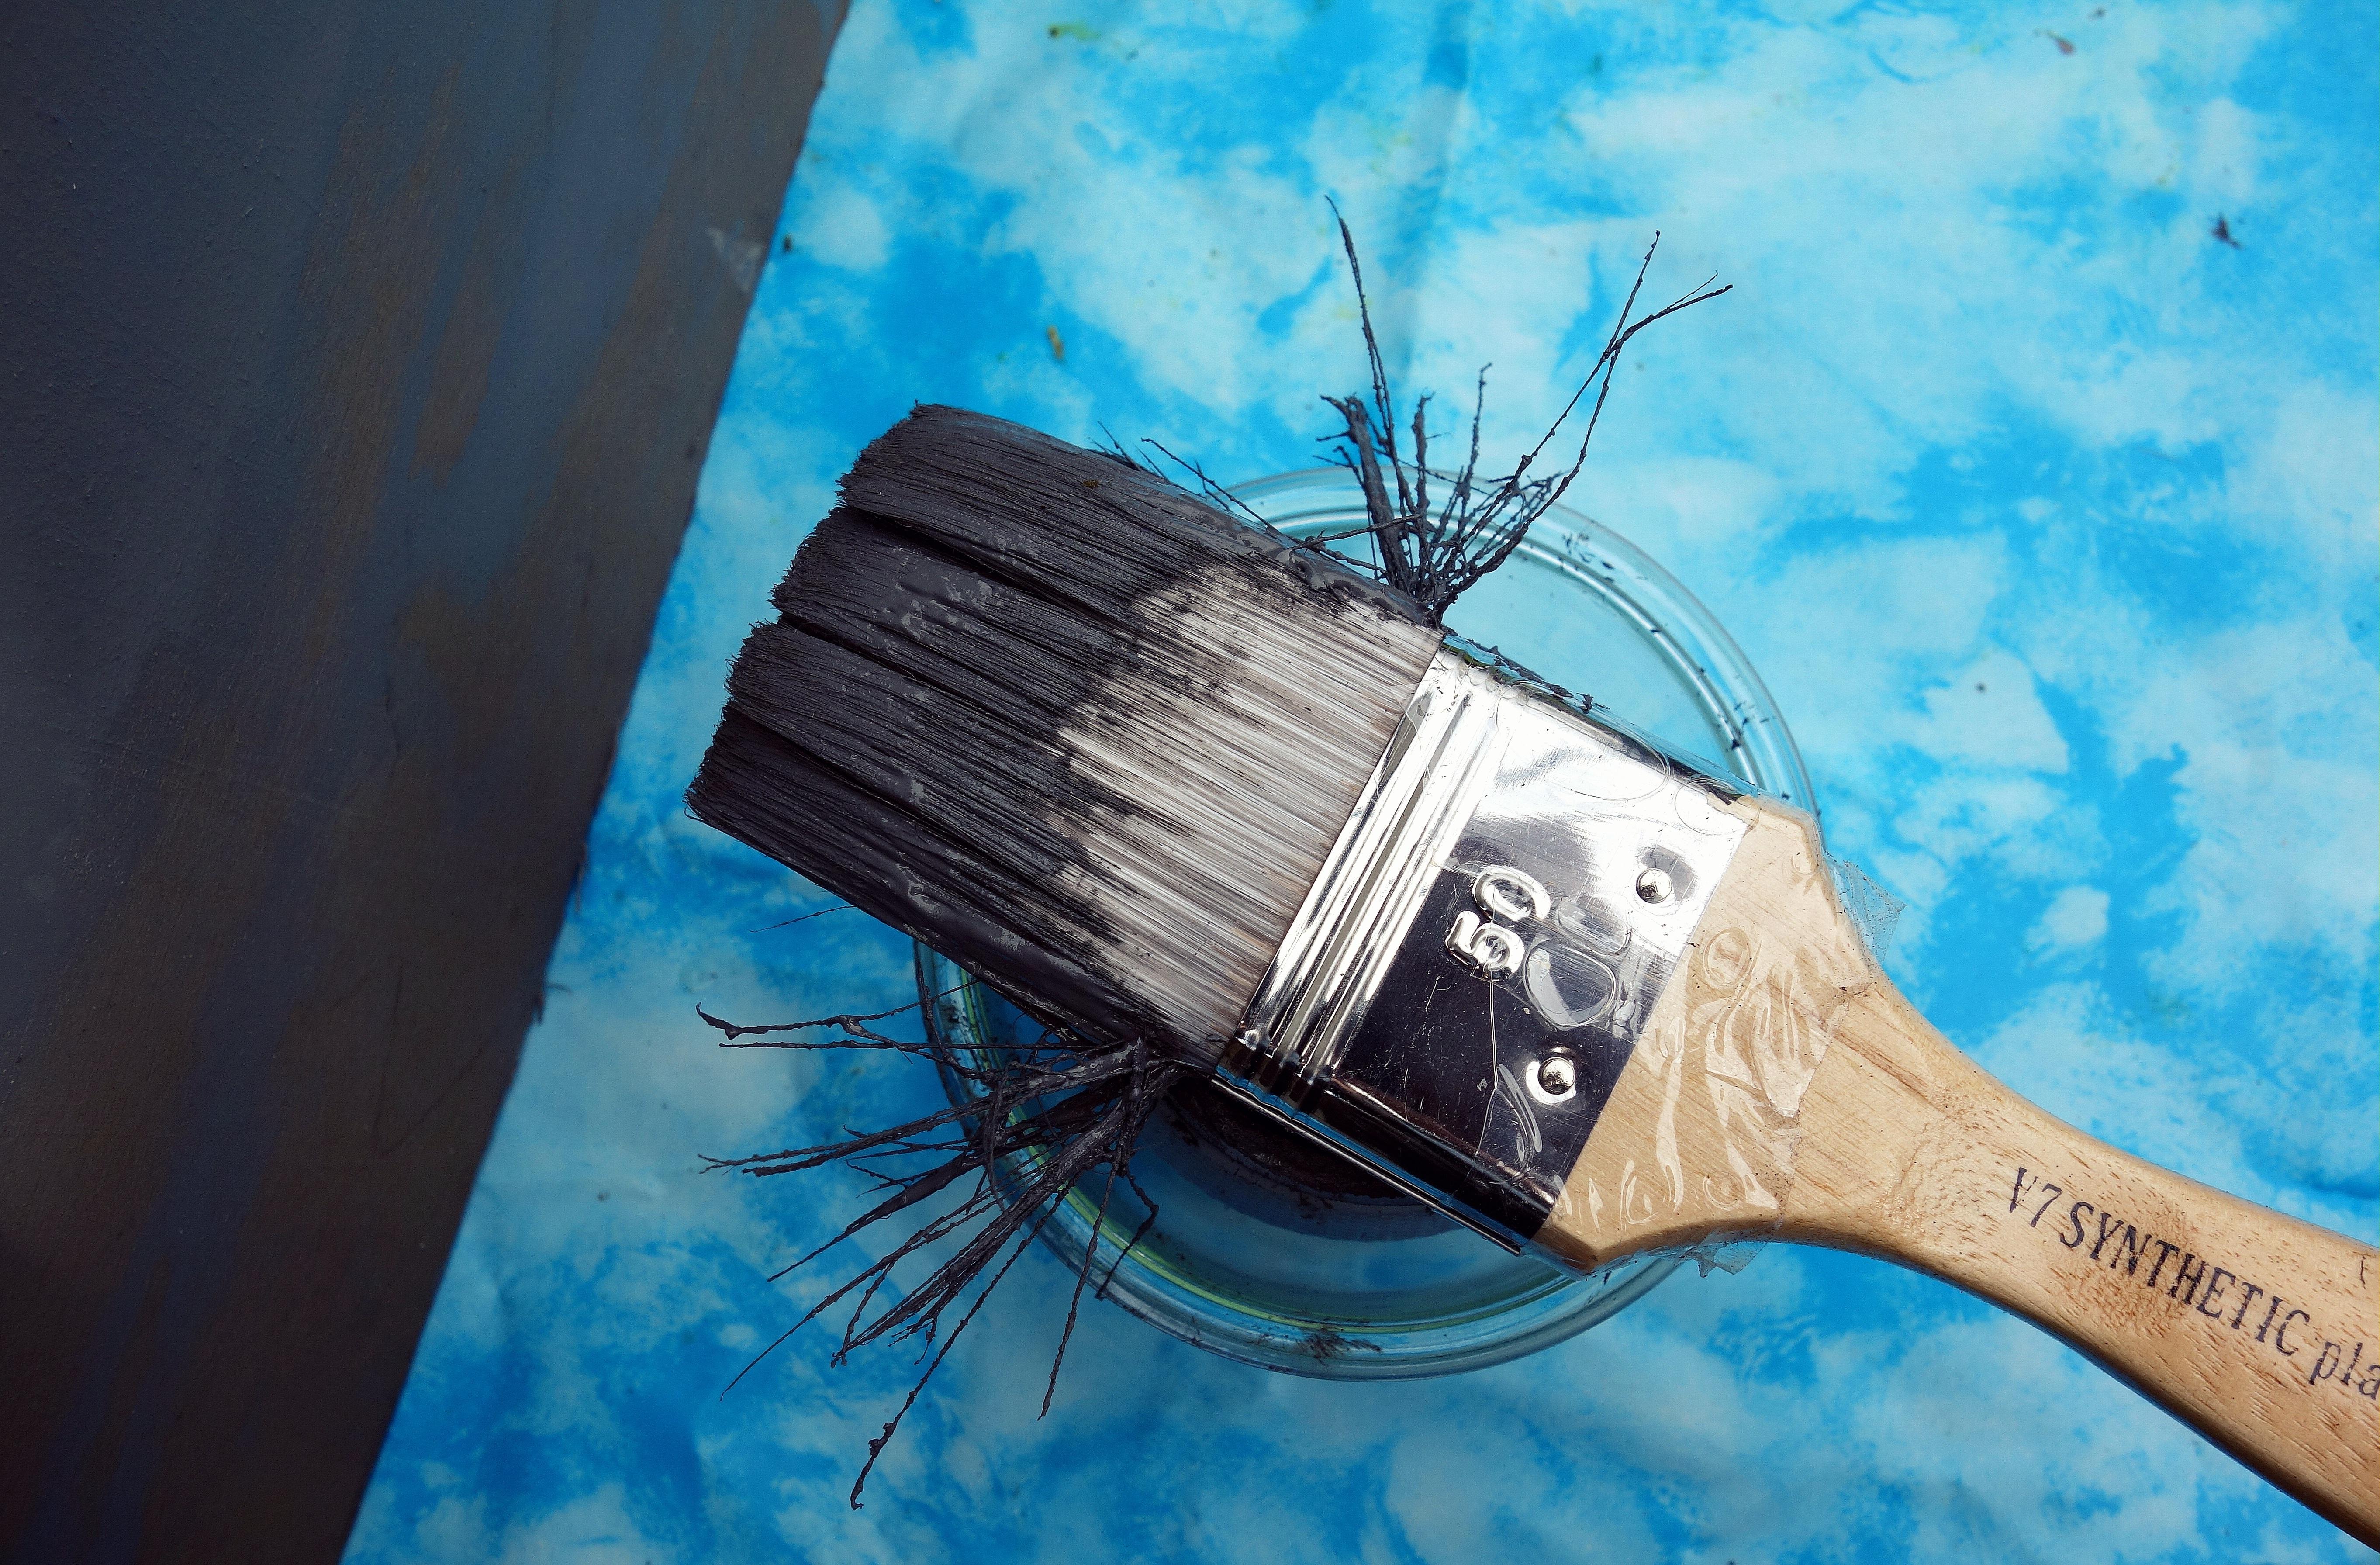 images gratuites : main, brosse, outil, couleur, peindre, bleu, la